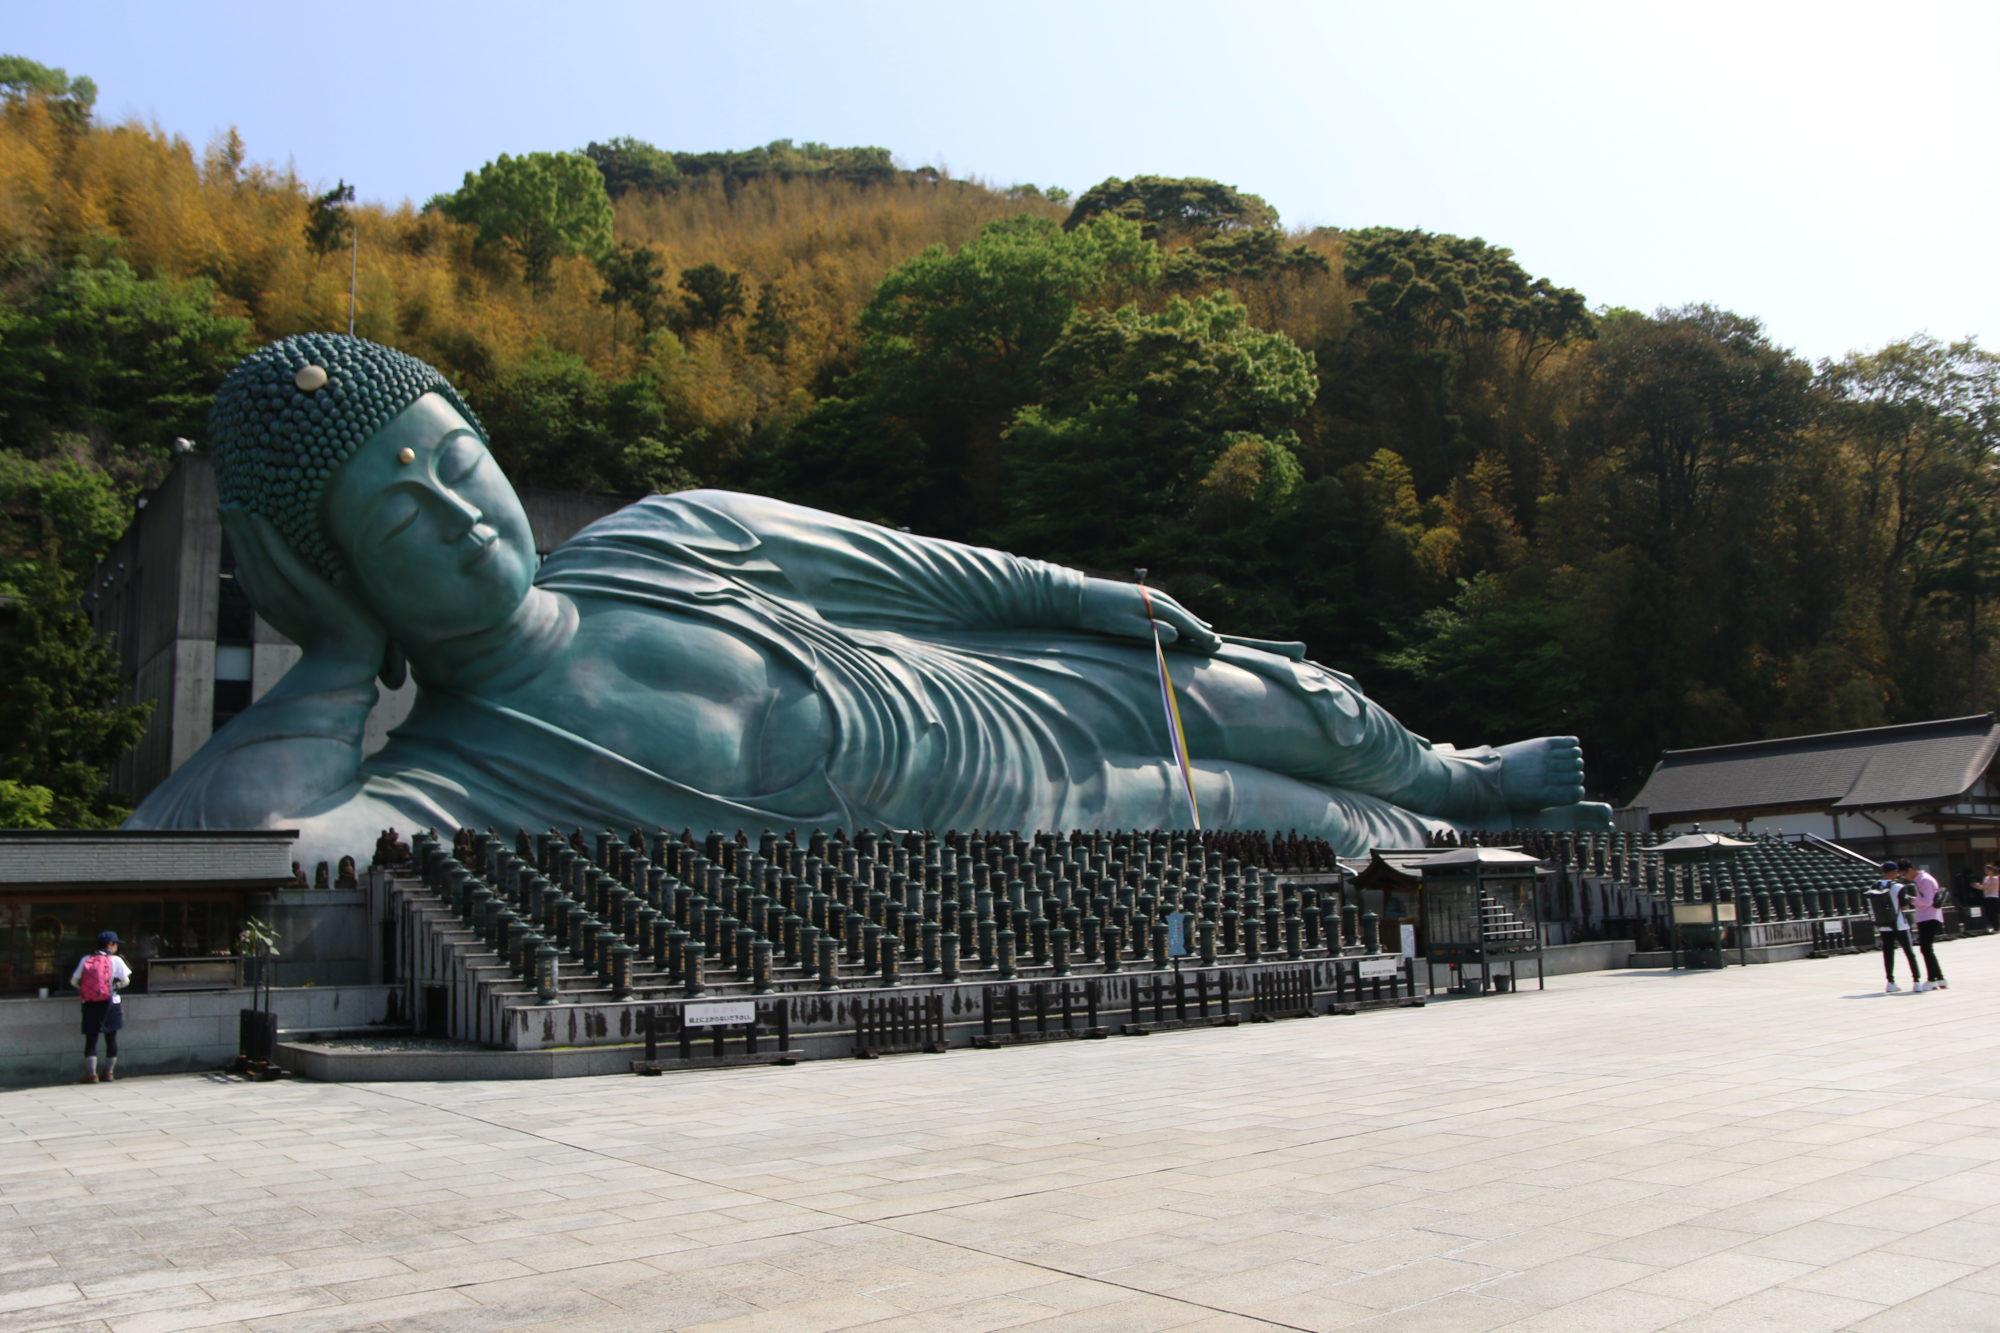 南蔵院(福岡県篠栗町)で涅槃像をみる〜大阪から車でヤフオクドームに行く前に観光する〜